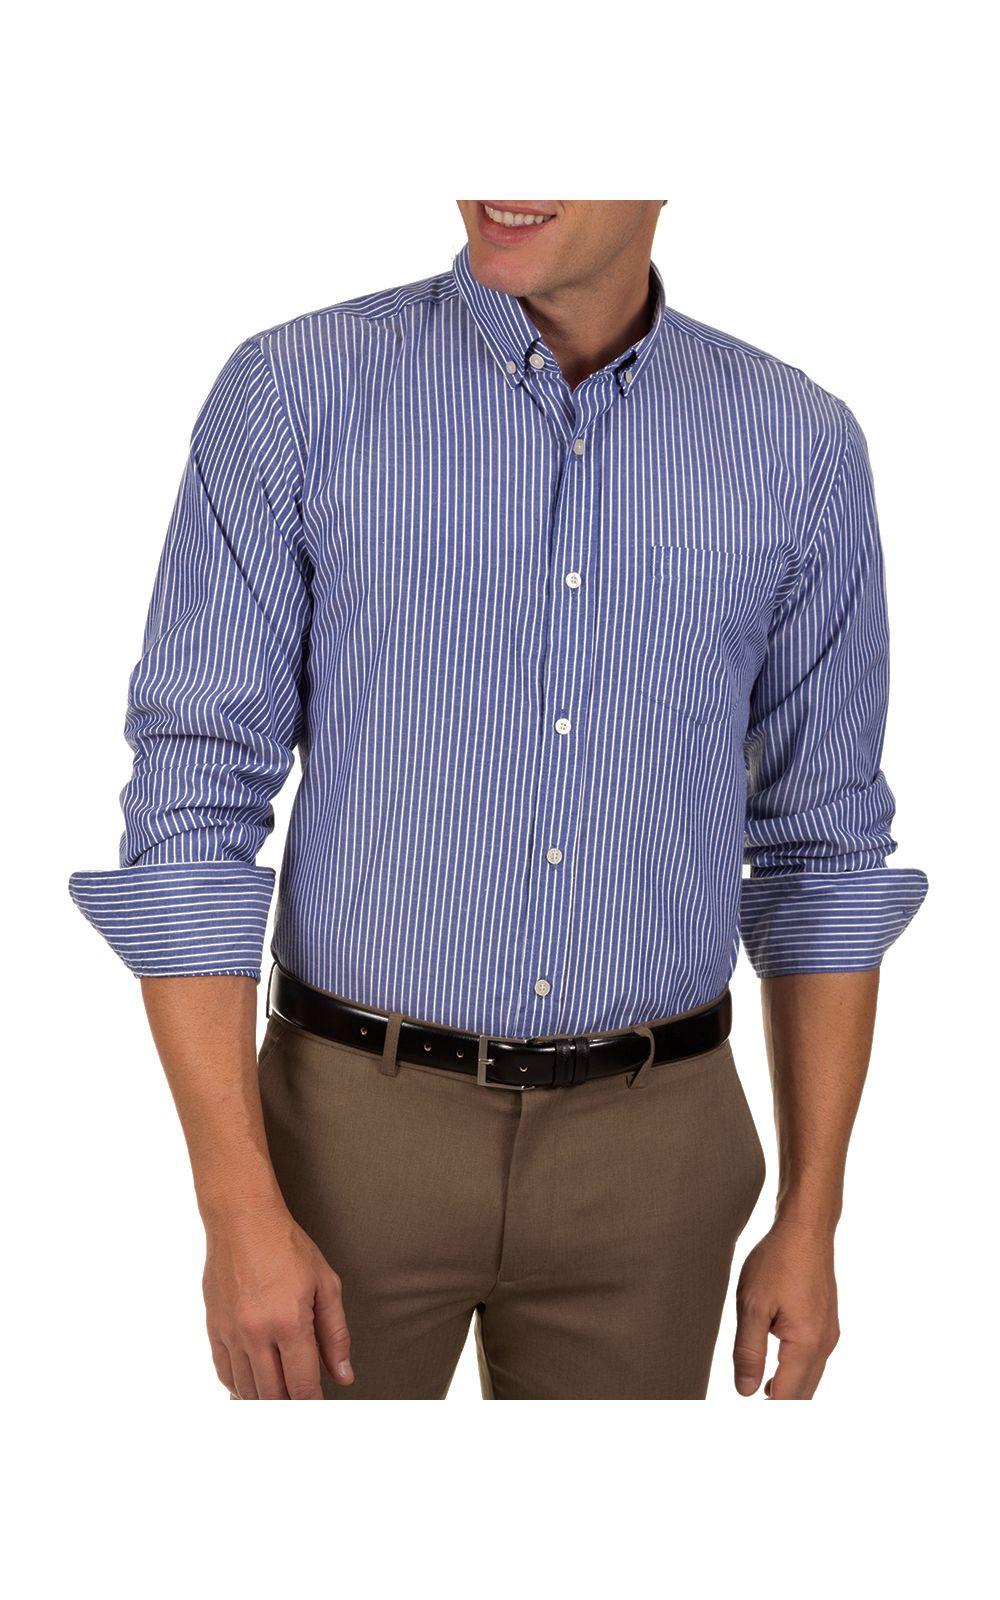 Foto 1 - Camisa Social Masculina Azul Escuro Listrada